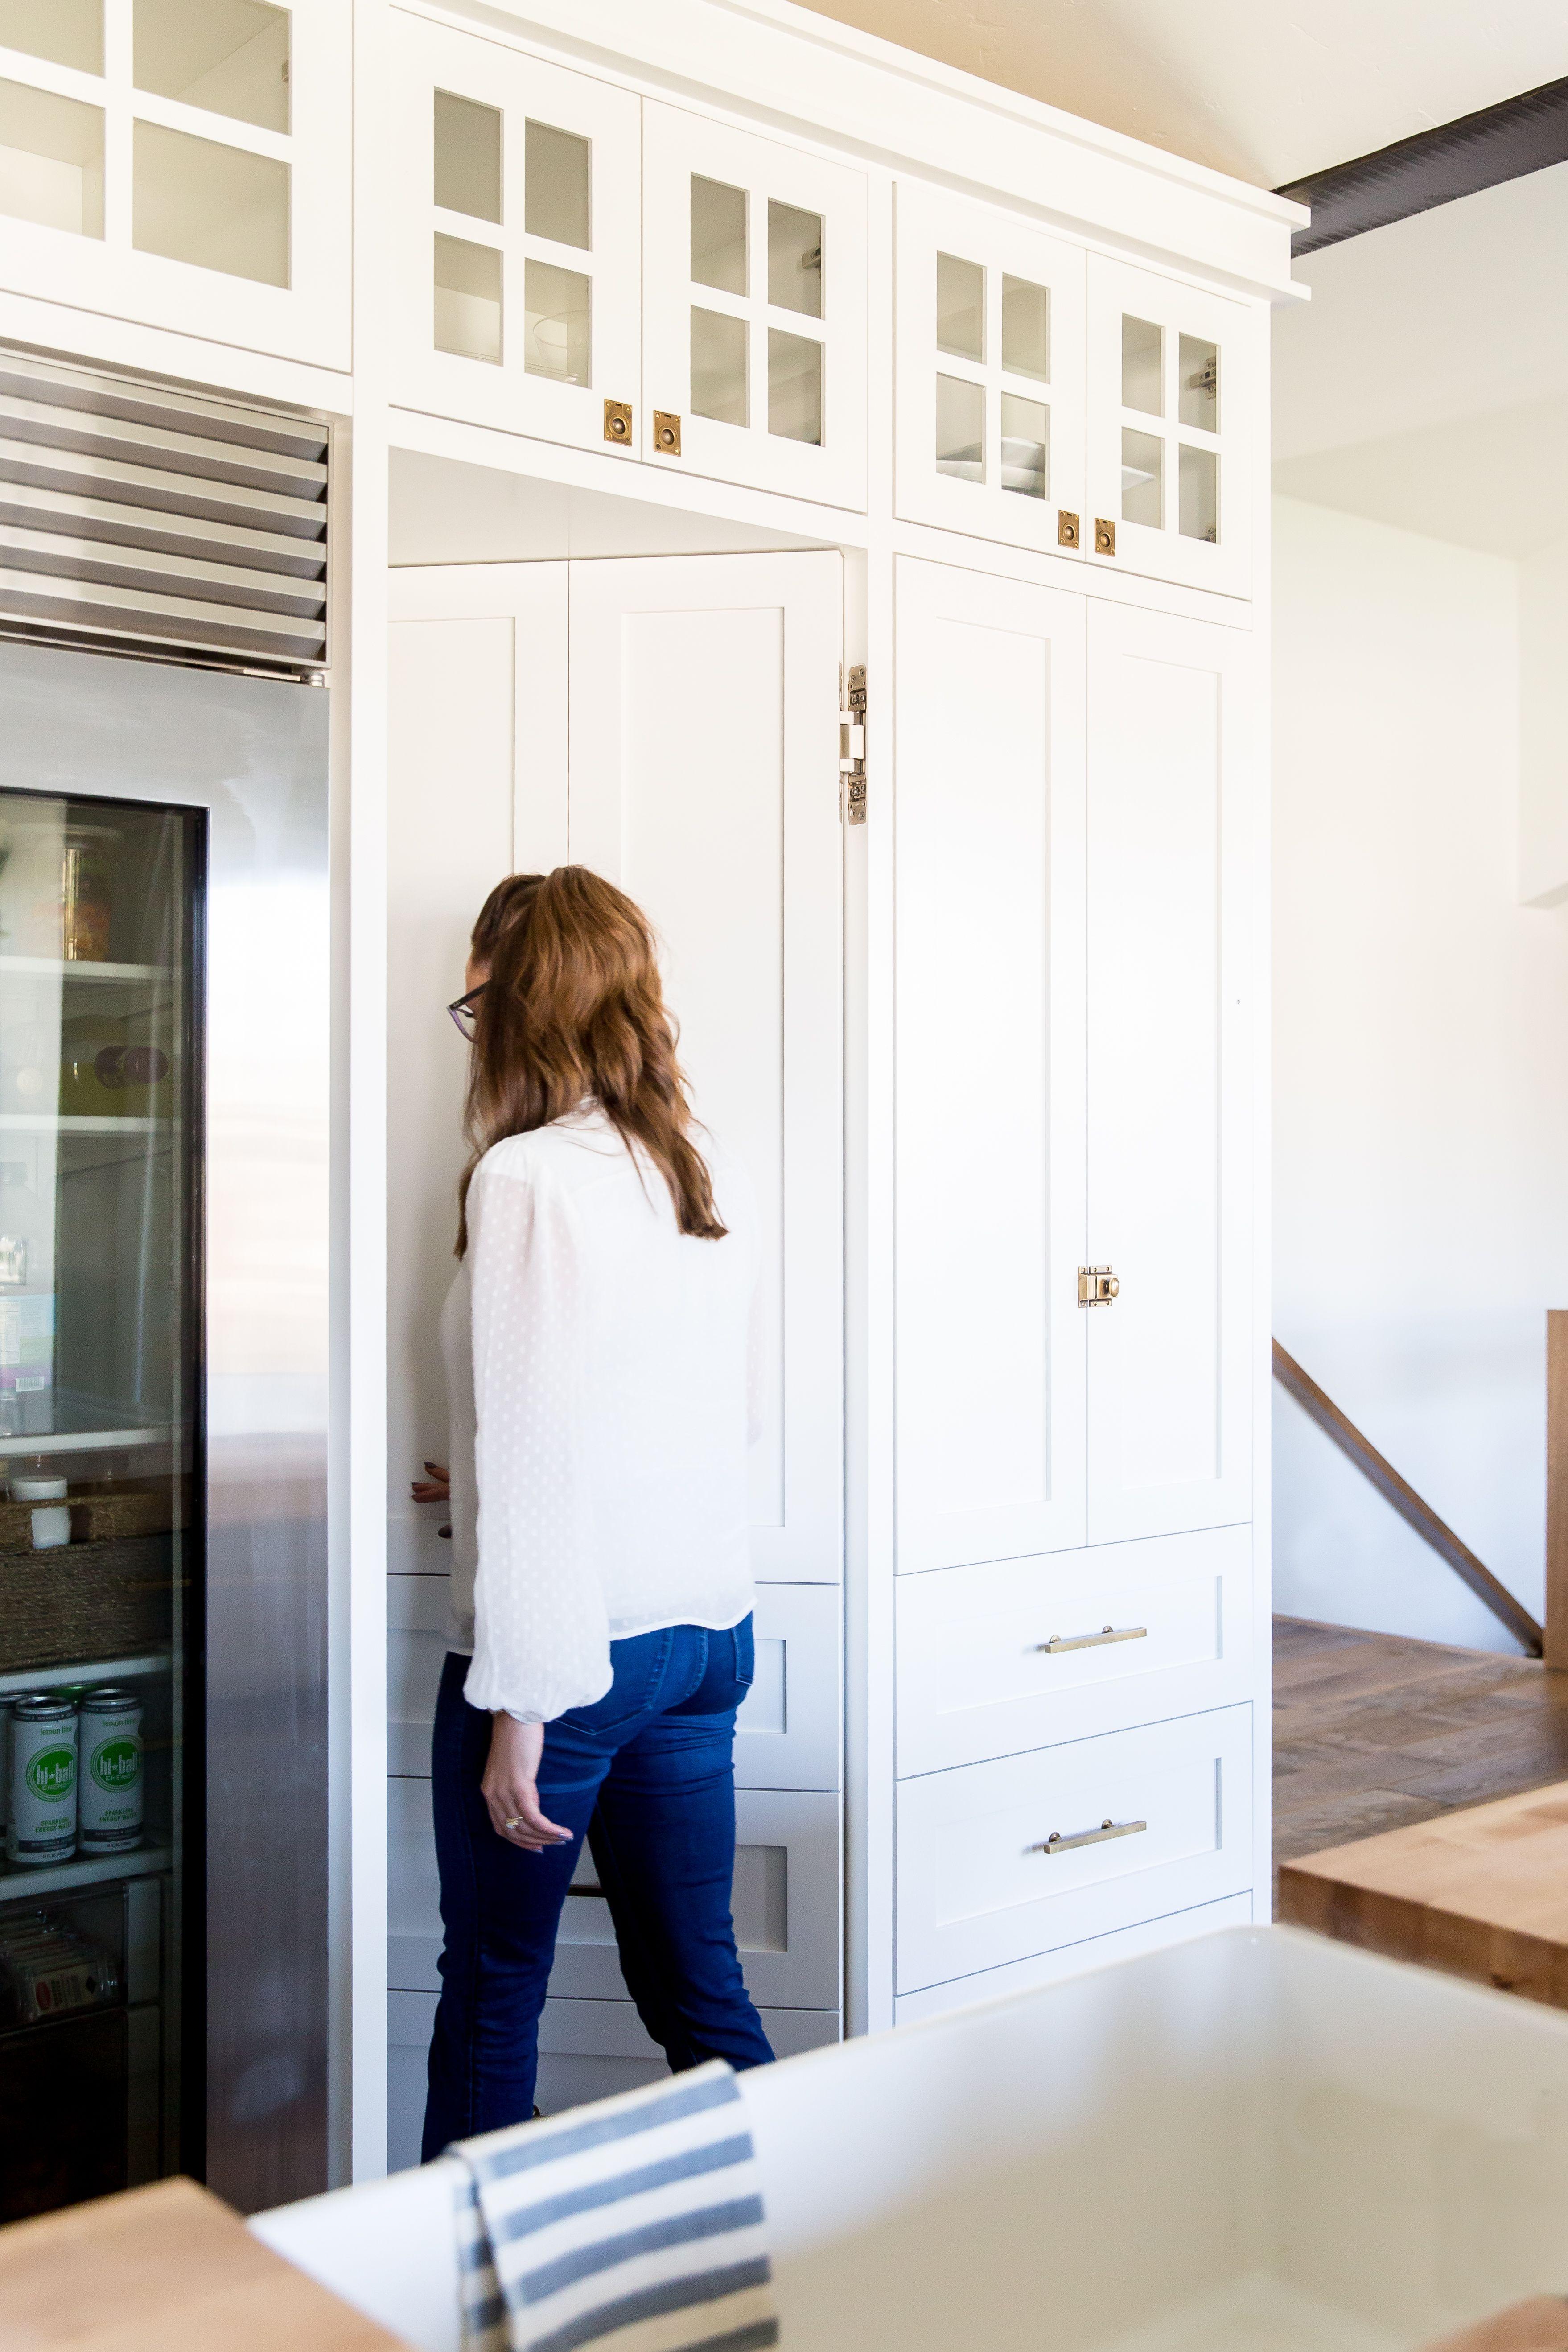 hidden pantry k i t c h e n s Pinterest Pantry Doors and